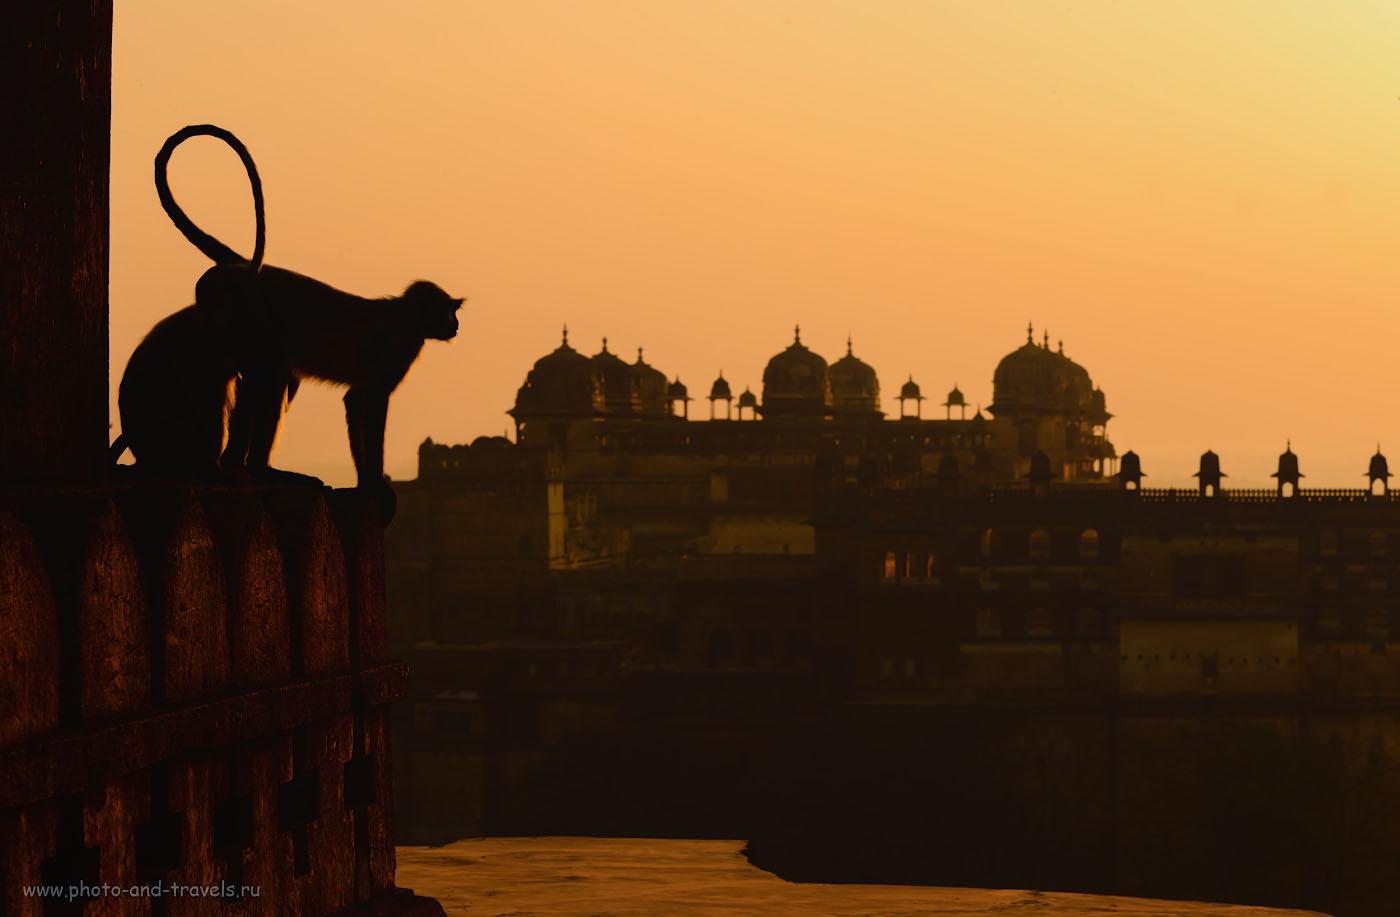 Фотография 11. Встречаем рассвет на крыше храма Чатурбхудж Мандир. Вид на дворец Джахангир-Махал (Jahangir Mahal). Отзывы туристов о поездке в город Орчха. 1/200, -1.33, 13.0, 220, 100.